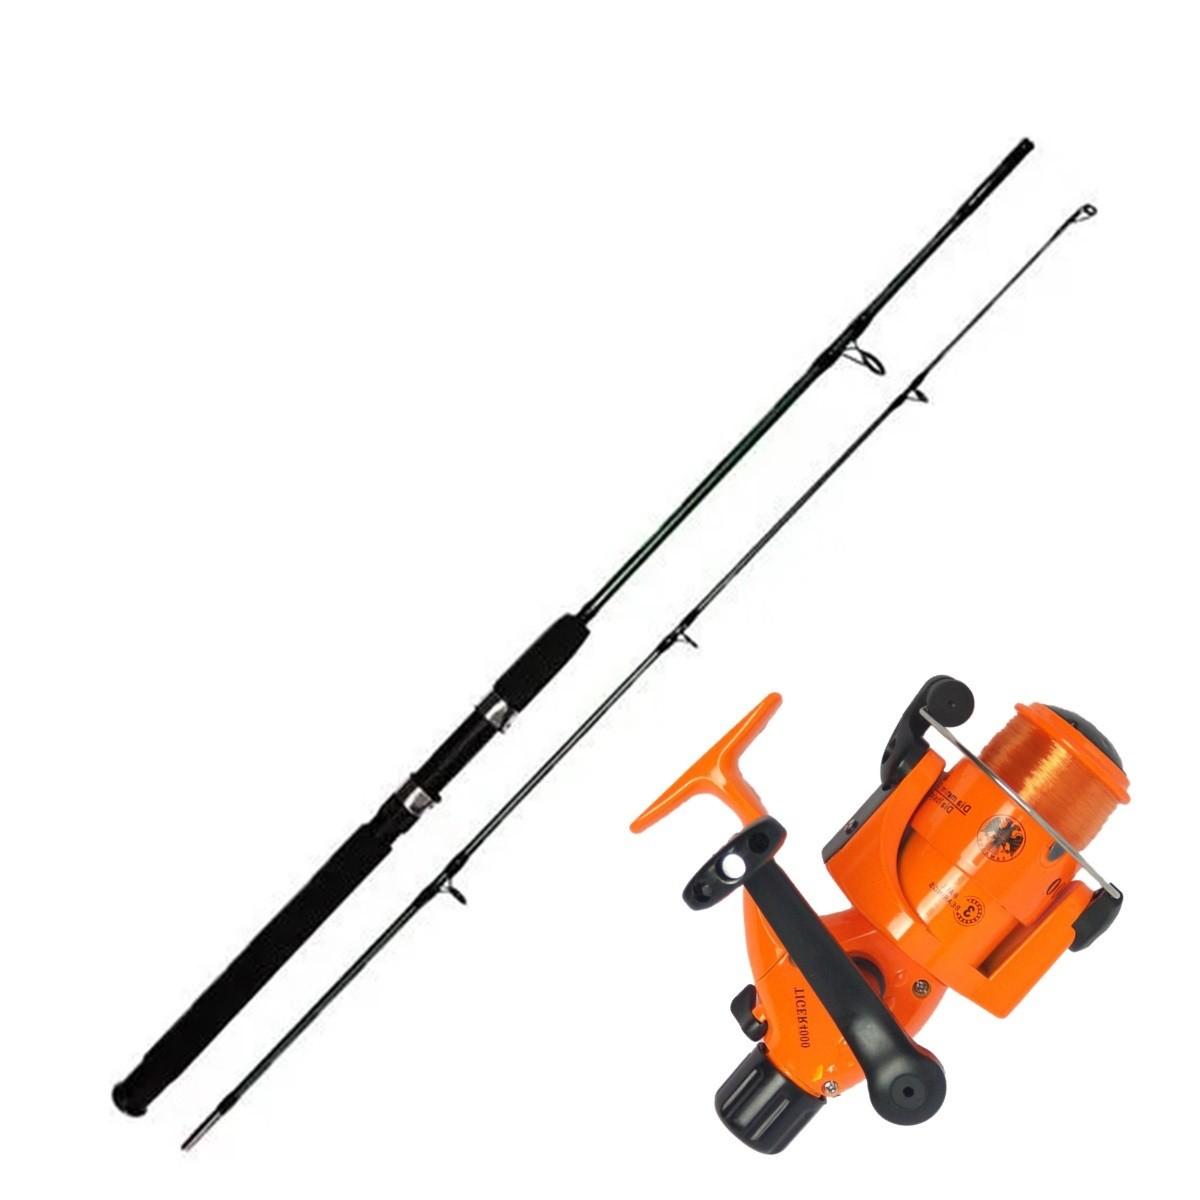 Vara De Pesca Completa 1,70m Com Molinete 4000 3 rol Linha